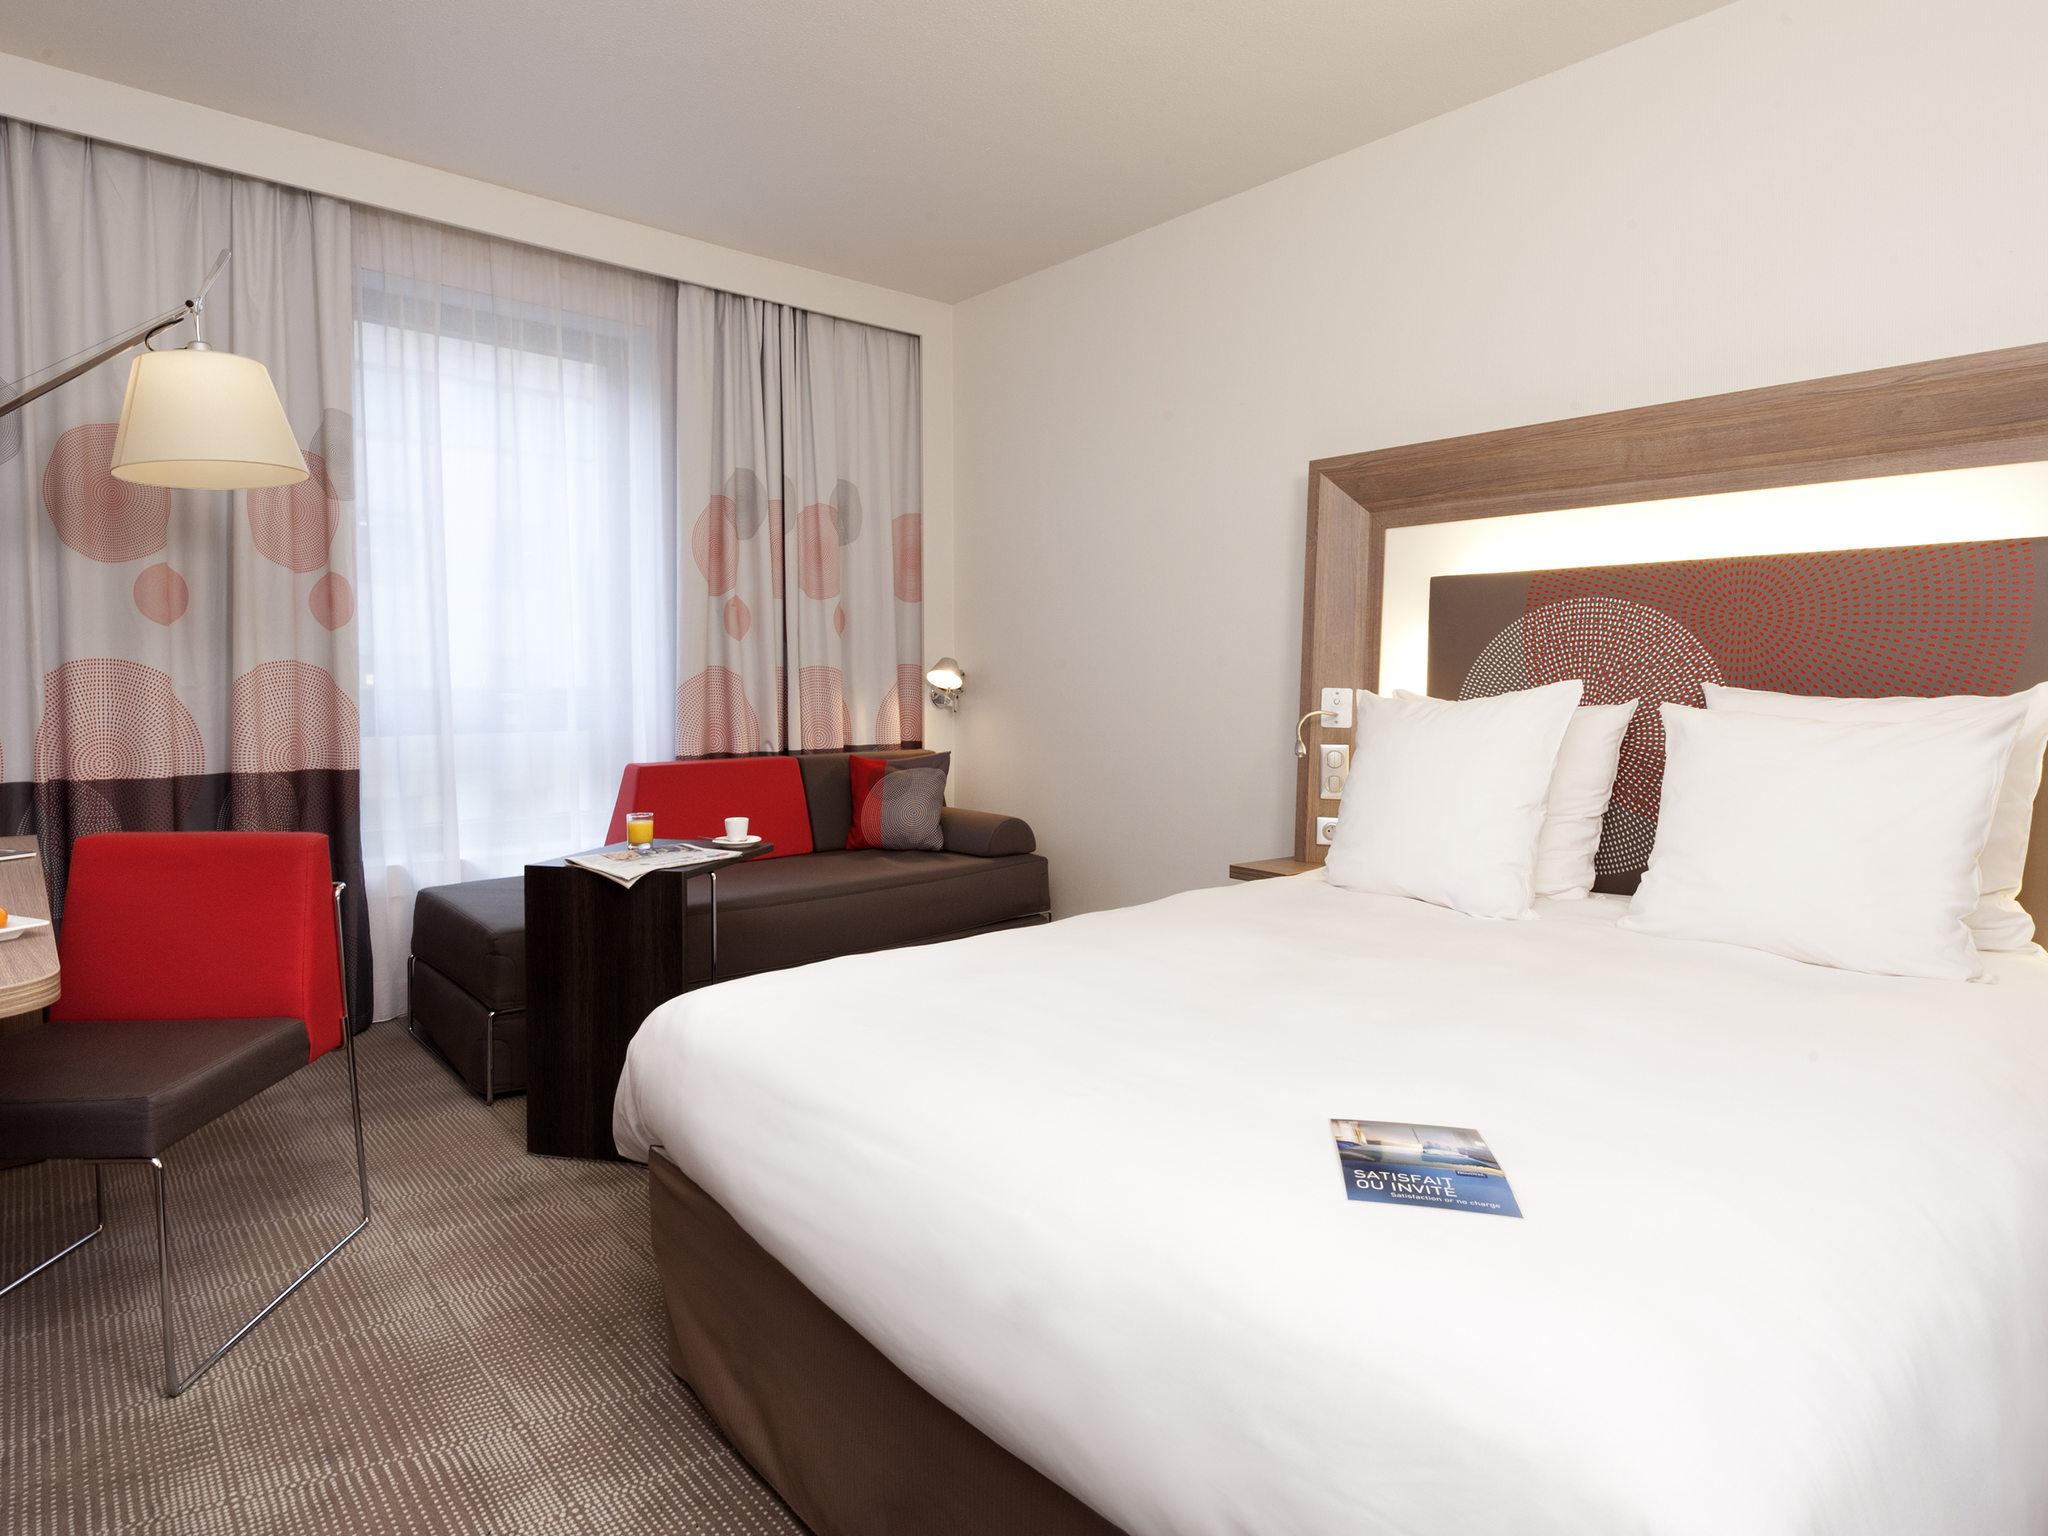 Hotel – Novotel Parijs Rueil Malmaison